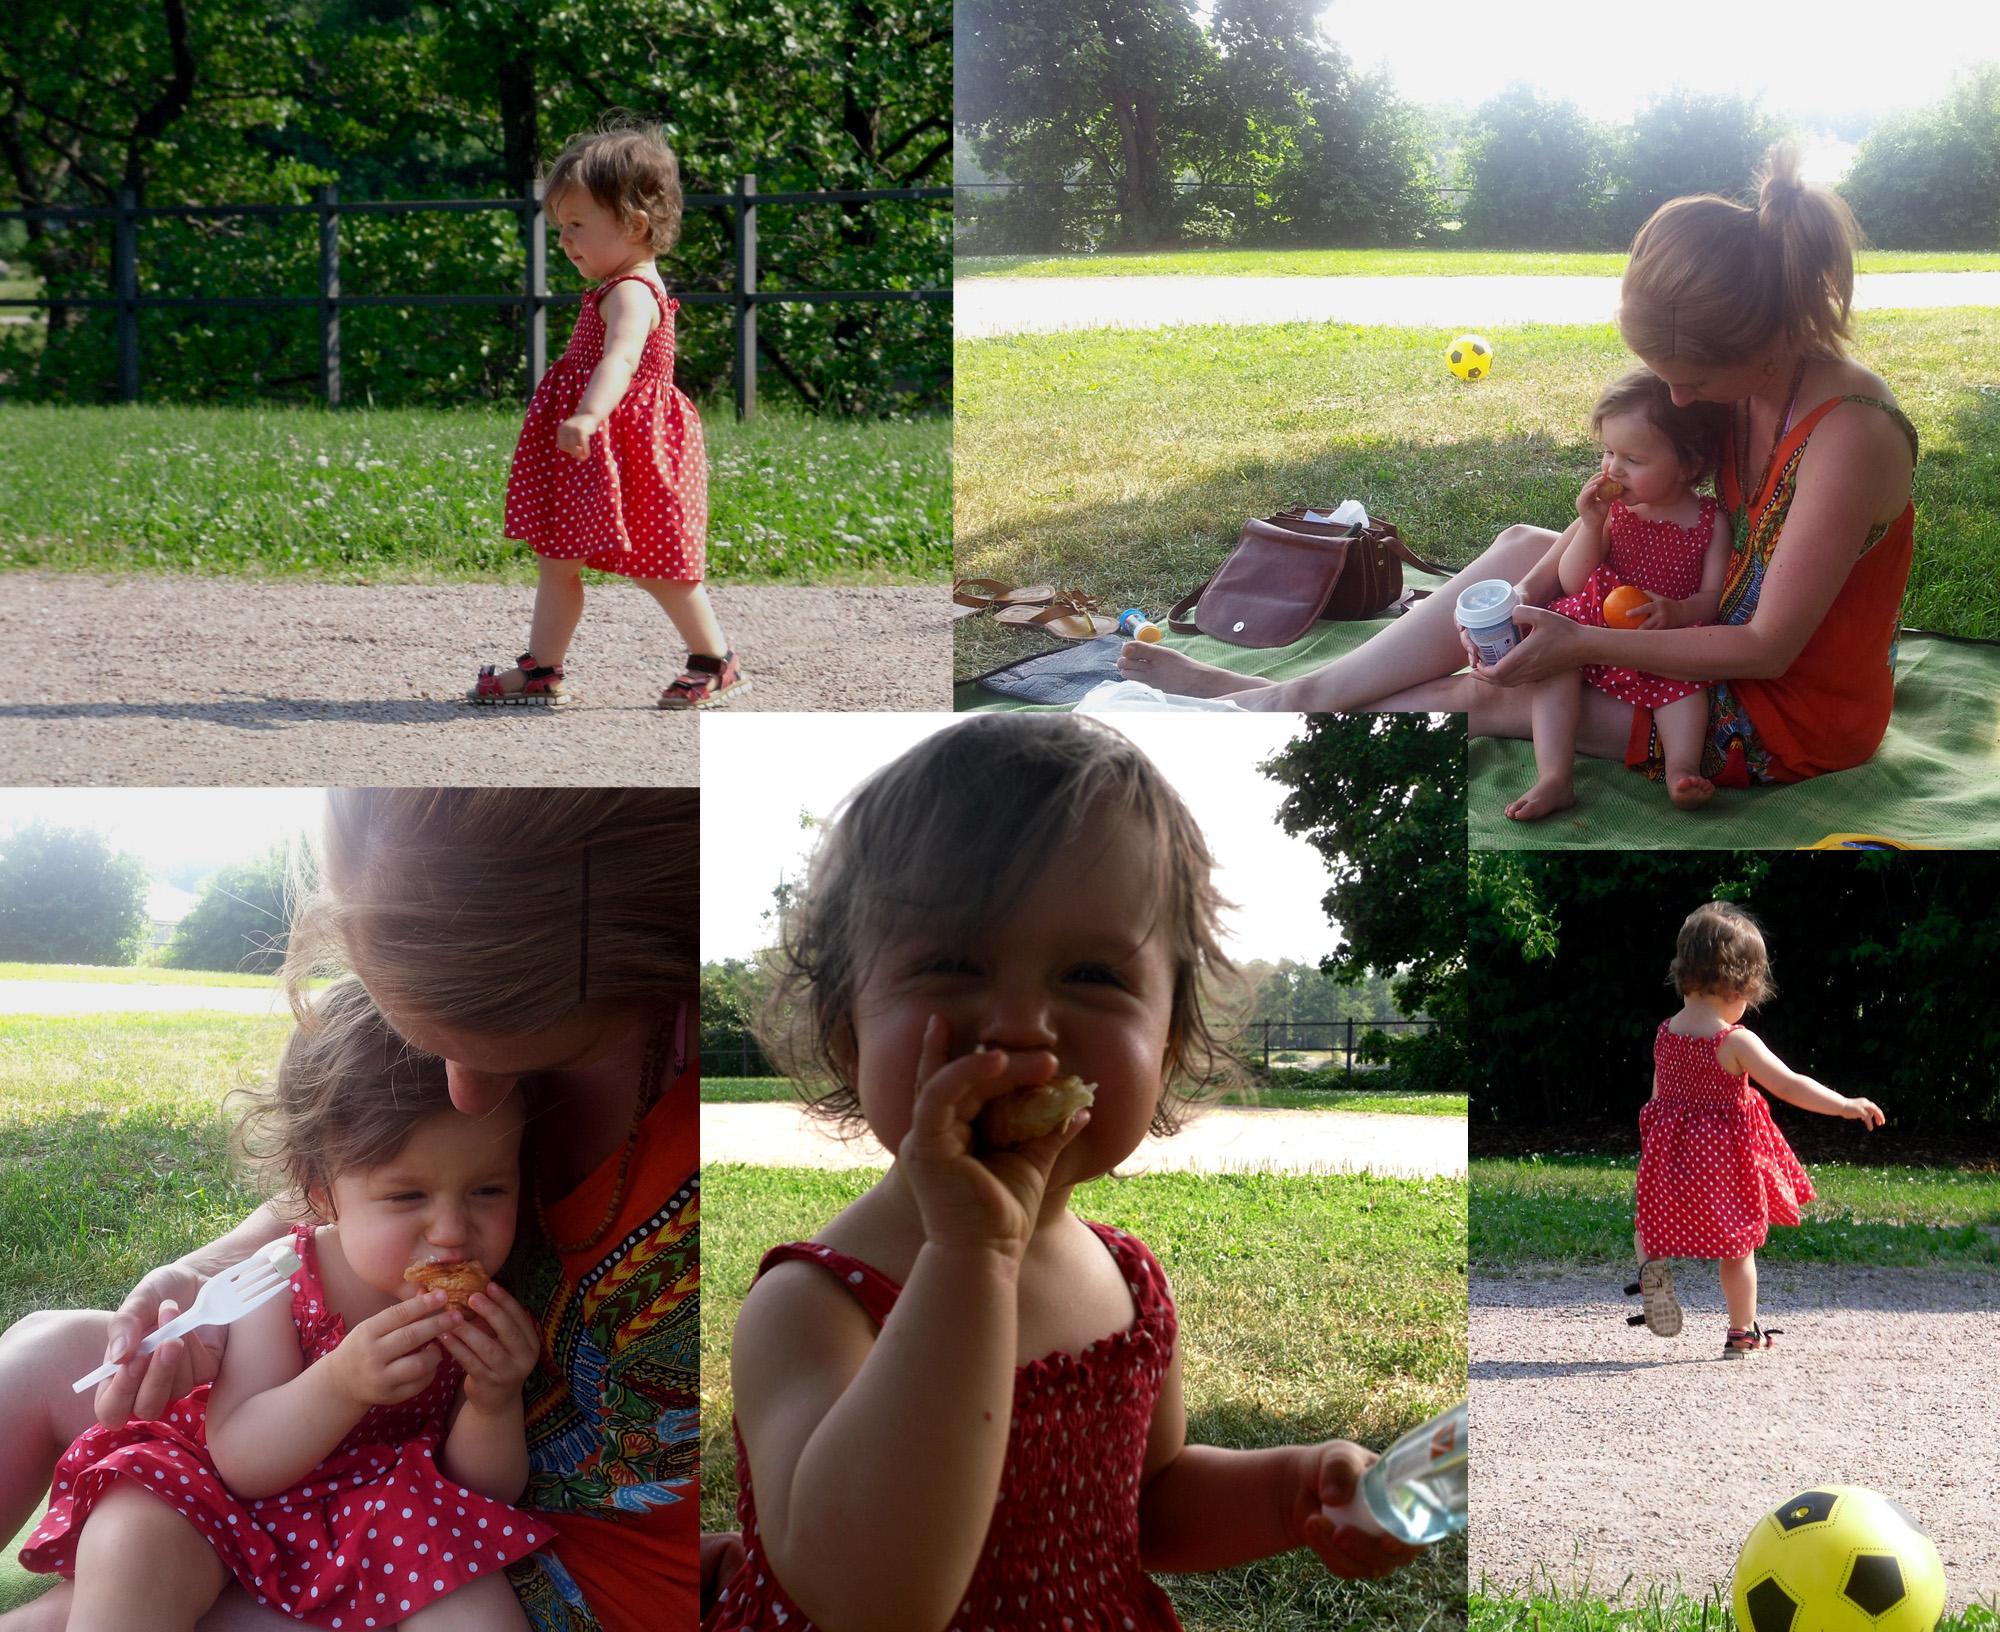 piknik_kollaasi.jpg